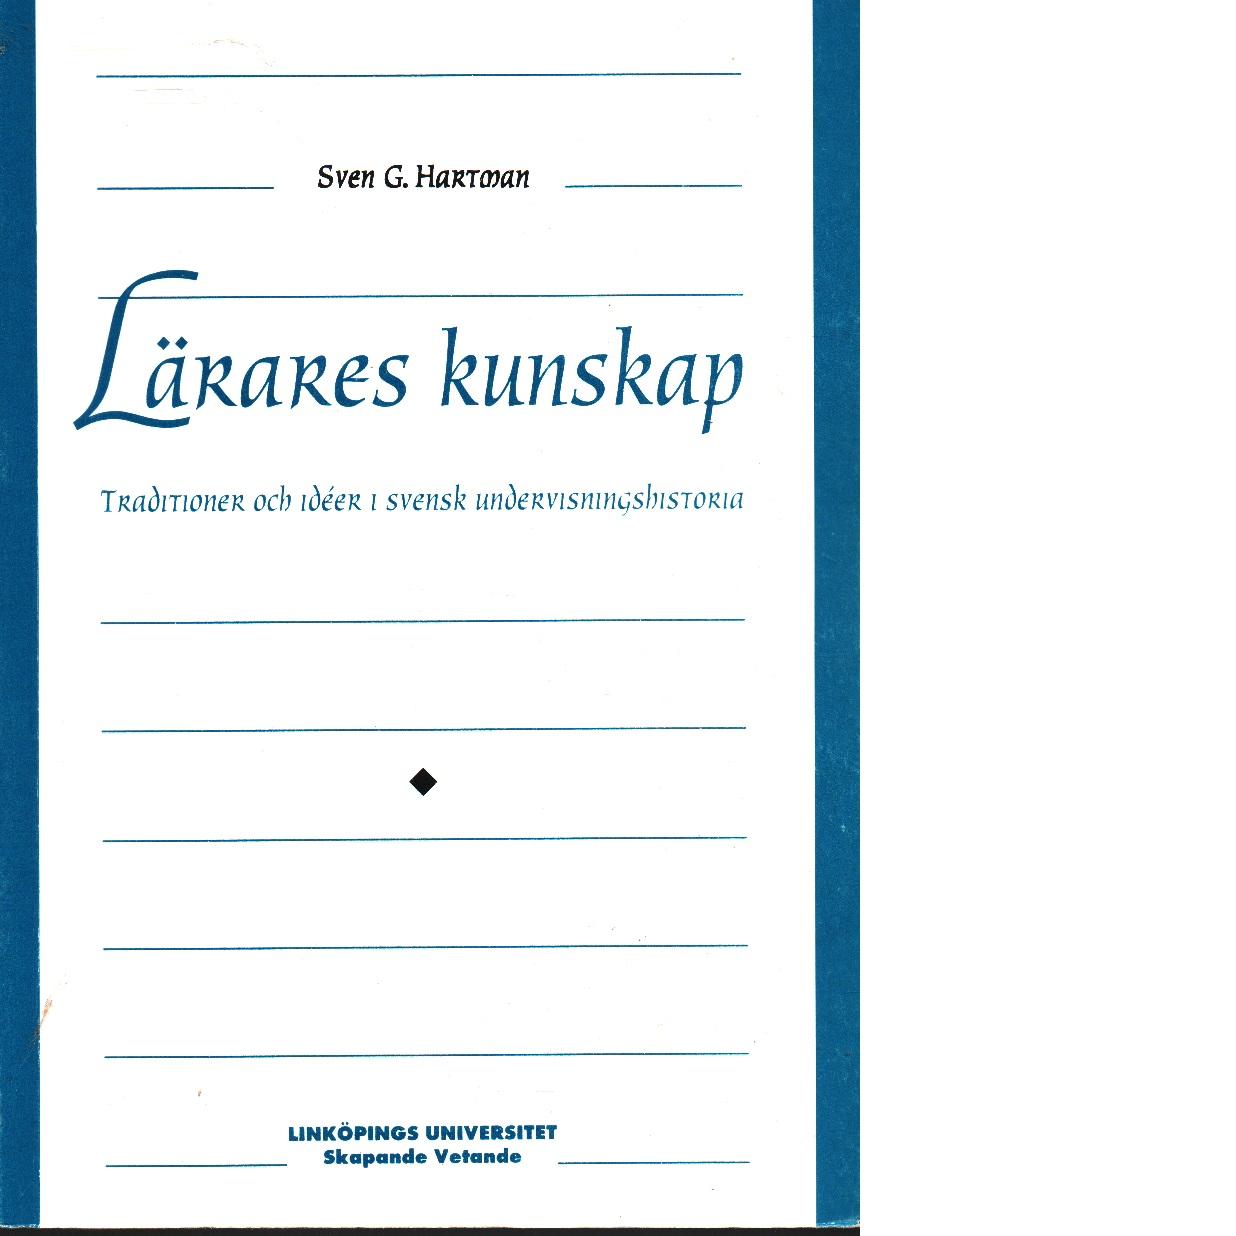 Lärares kunskap : traditioner och idéer i svensk undervisningshistoria - Hartman, Sven G.